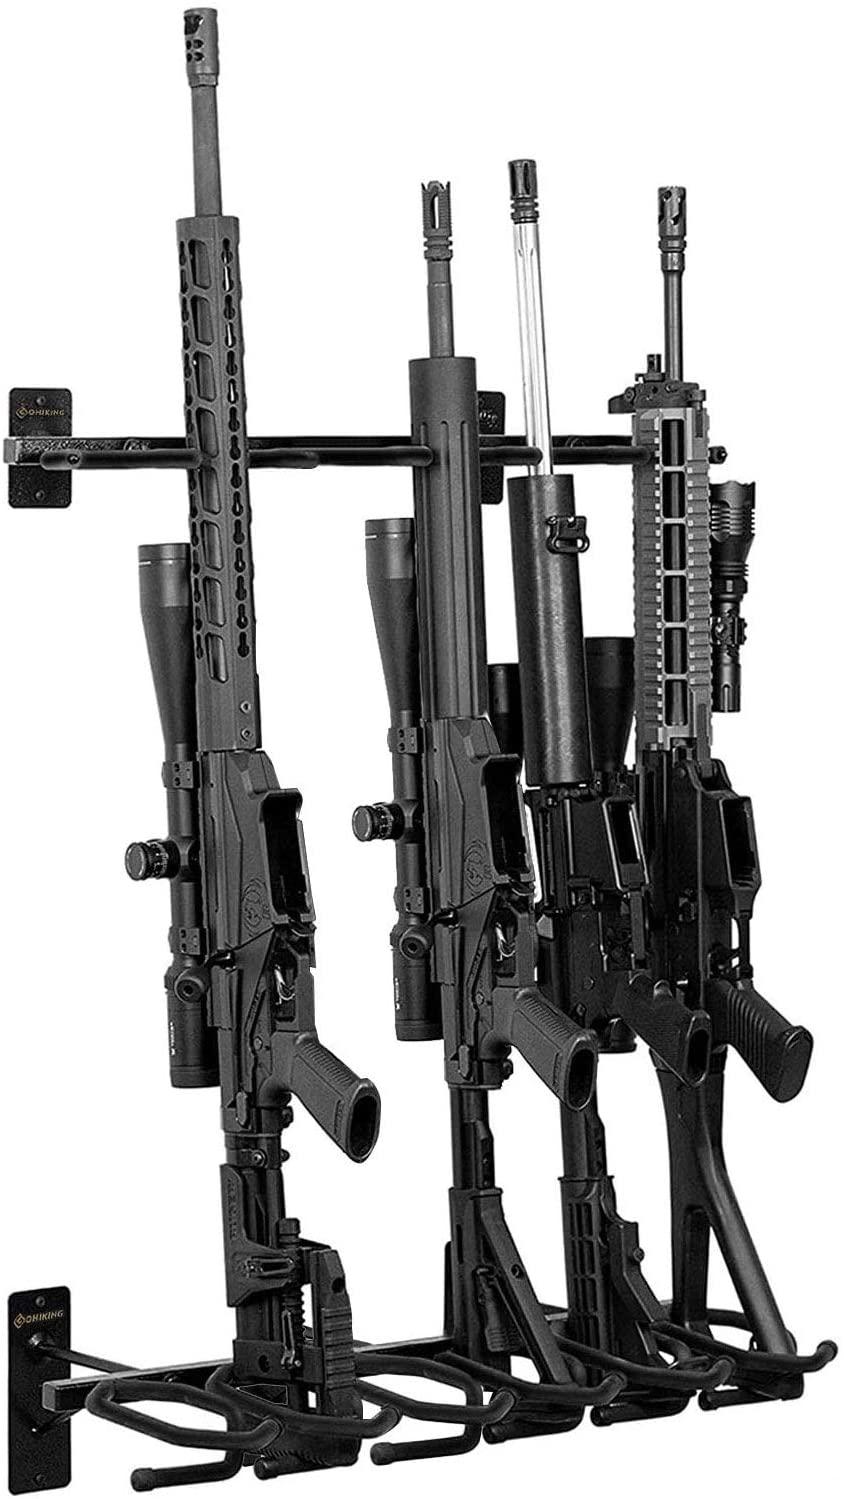 GOHIKING 큰 총 랙 벽 산 산탄총 후크를 개최 6 개 및 활 산 옷걸이프 패딩 벽 총 랙 디스플레이 스탠드(블랙)